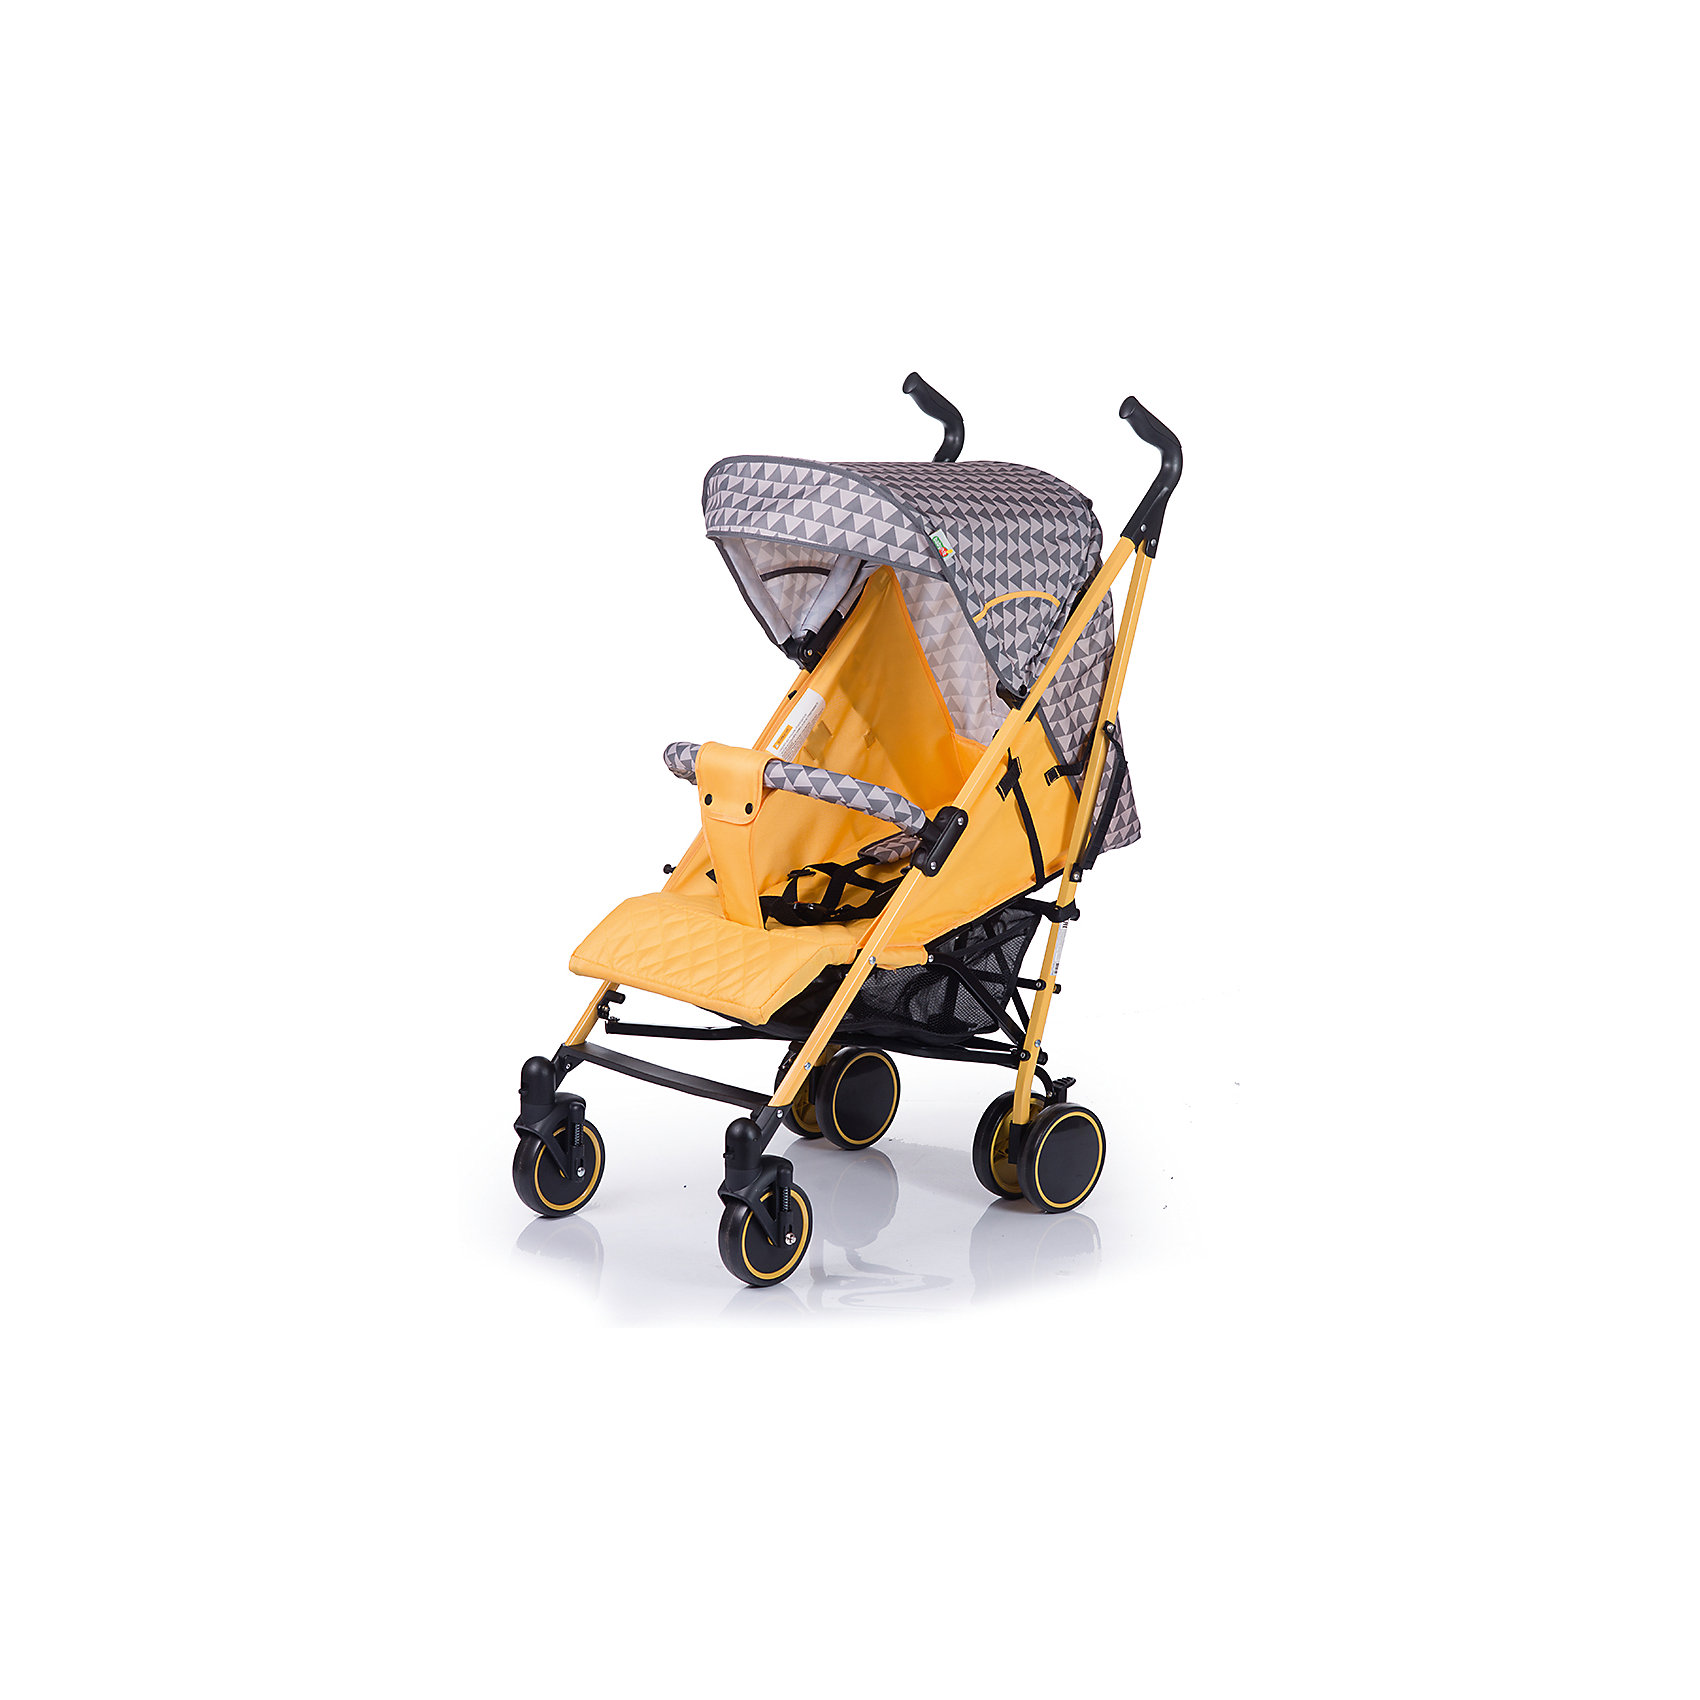 Коляска-трость BabyHit Handy, серый/жёлтыйКоляски-трости<br>Характеристики коляски:<br><br>Рама коляски:<br><br>• наклон спинки коляски регулируется до горизонтального положения;<br>• подножка регулируется;<br>• система 5-ти точечных ремней безопасности;<br>• глубокий капюшон «батискаф»;<br>• капюшон оснащен смотровым окошком;<br>• съемный поручень с паховым ремнем;<br>• чехол на ножки согревает ребенка в холодное время года;<br>• москитная сетка защищает кроху от насекомых;<br>• длина спального места: 75 см;<br>• ширина сиденья: 35 см;<br>• глубина сиденья: 21 см;<br>• высота спинки:  47 см.<br><br>Рама коляски:<br><br>• одинарные передние поворотные колеса с фиксацией в положении «прямо»;<br>• ручки коляски регулируются по высоте;<br>• система амортизации на всех колесах;<br>• корзина для покупок;<br>• тип складывания: трость;<br>• высота до ручки: 87-107 см;<br>• диаметр передних колес: 14 см;<br>• диаметр задних колес: 15 см.<br><br>Размеры коляски в разложенном виде: 83х50х107 см<br>Размеры коляски в сложенном виде: 107х33х33 см<br>Вес коляски: 8 кг<br><br>Коляску-трость Babyhit Handy можно купить в нашем интернет-магазине.<br><br>Ширина мм: 300<br>Глубина мм: 230<br>Высота мм: 1000<br>Вес г: 9850<br>Возраст от месяцев: 6<br>Возраст до месяцев: 36<br>Пол: Унисекс<br>Возраст: Детский<br>SKU: 6668608